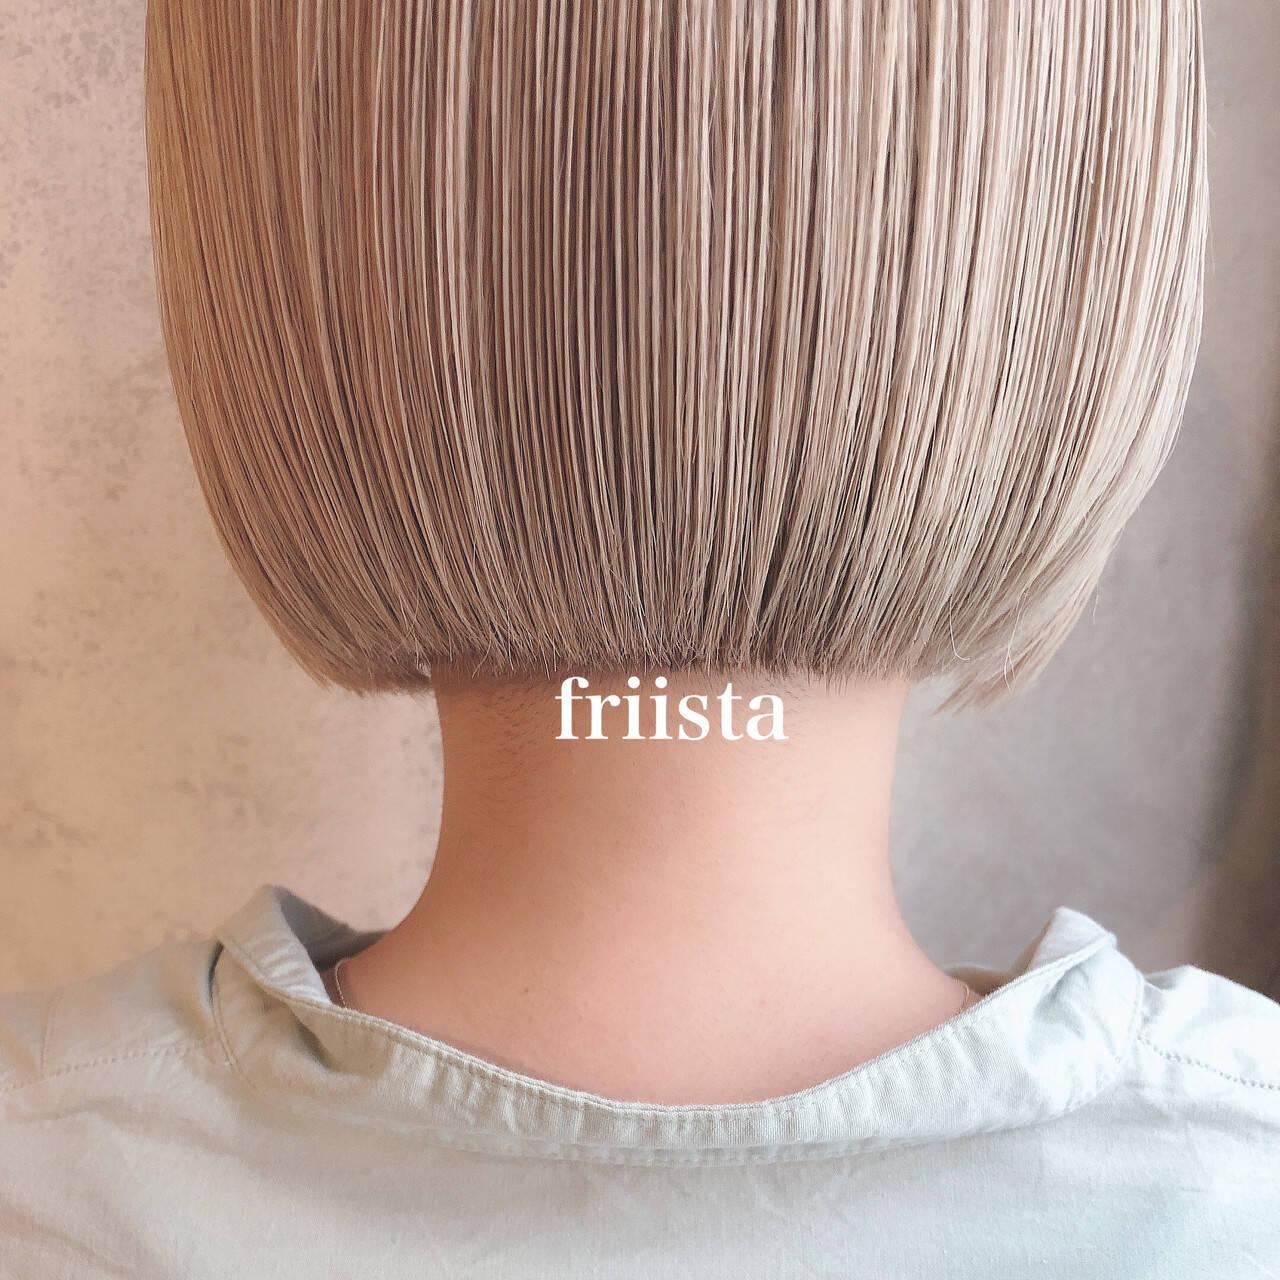 ショートヘア 切りっぱなしボブ ナチュラル ハイトーンボブヘアスタイルや髪型の写真・画像